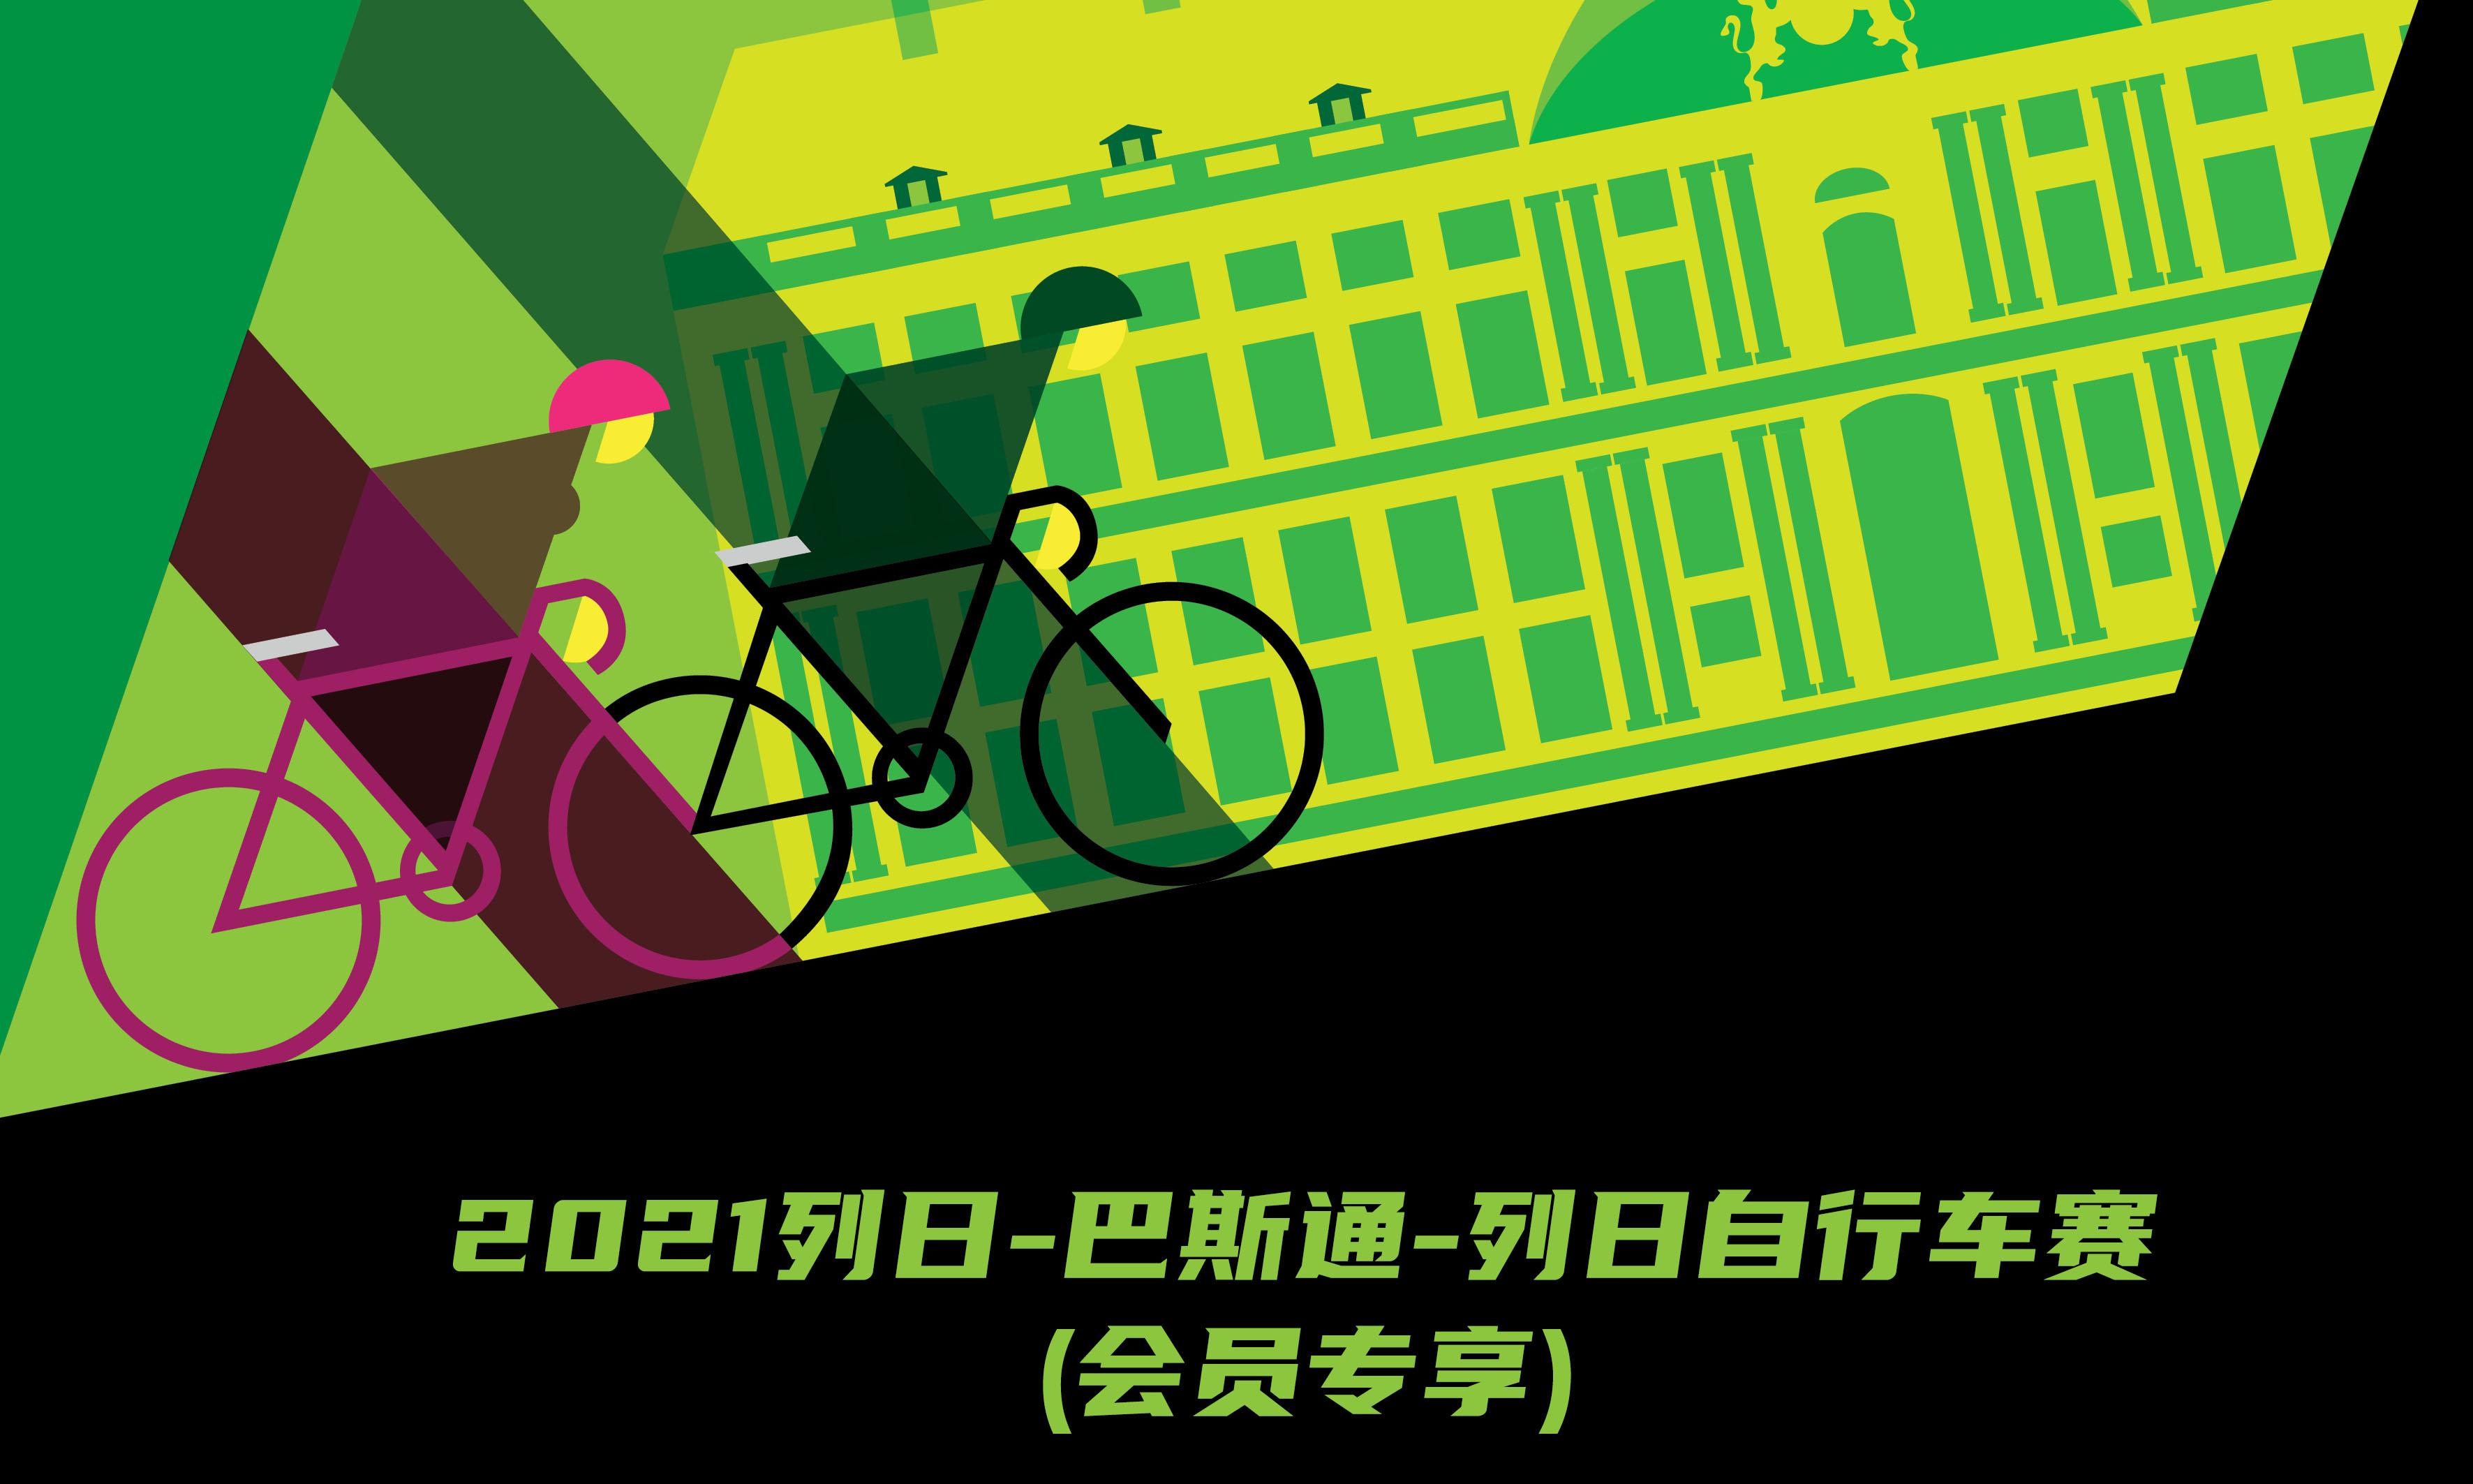 2021列日-巴斯通-列日